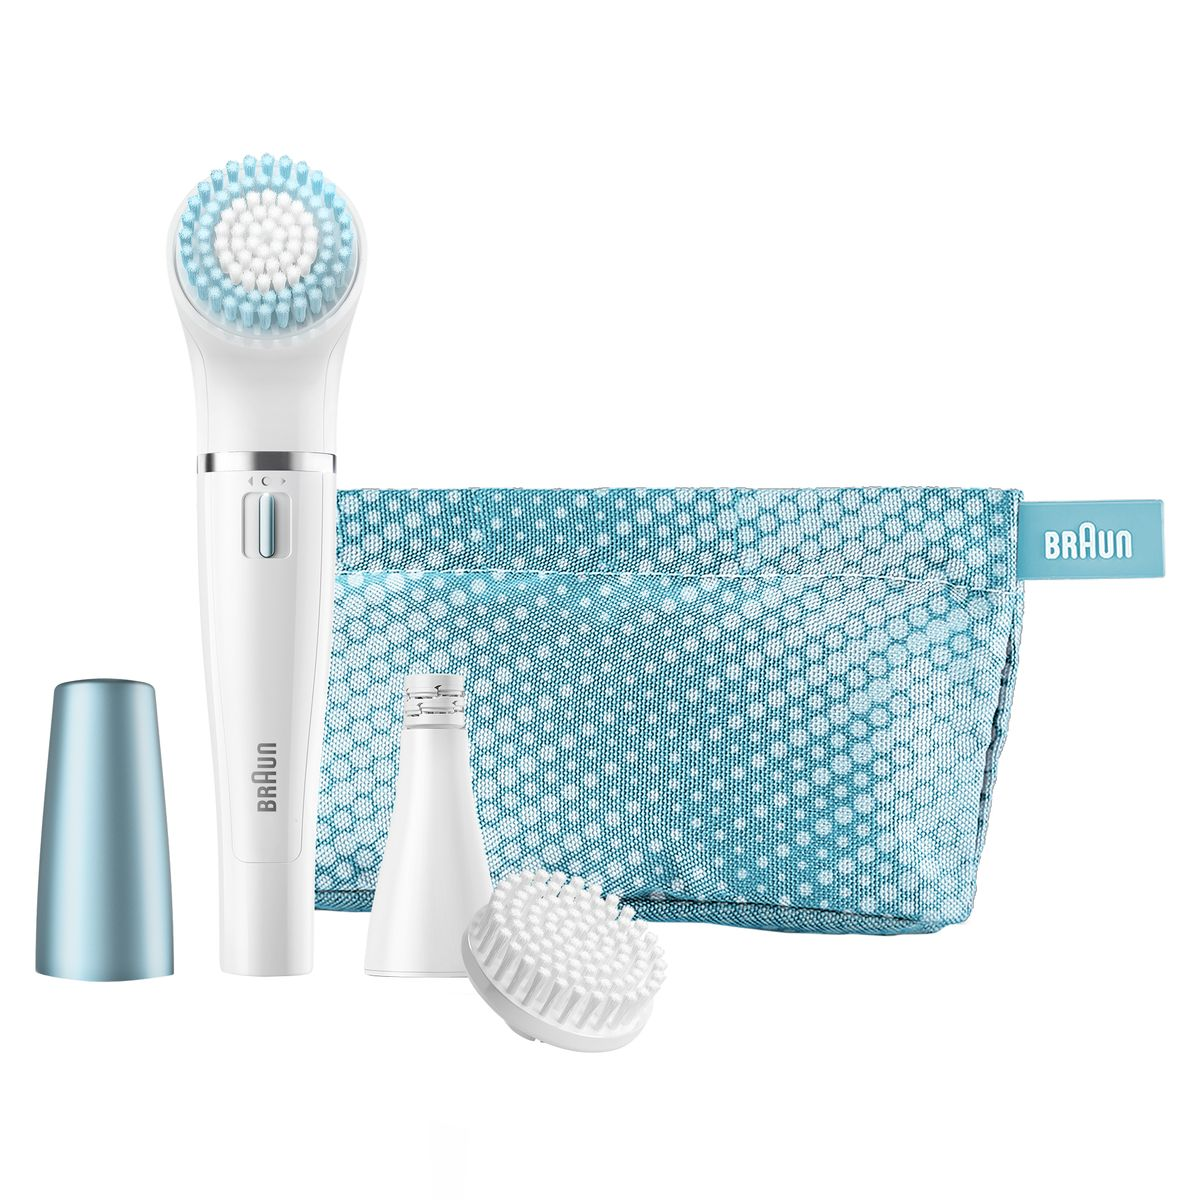 Braun Face 832e щеточка для очищения + эпилятор для лица - Эпиляторы